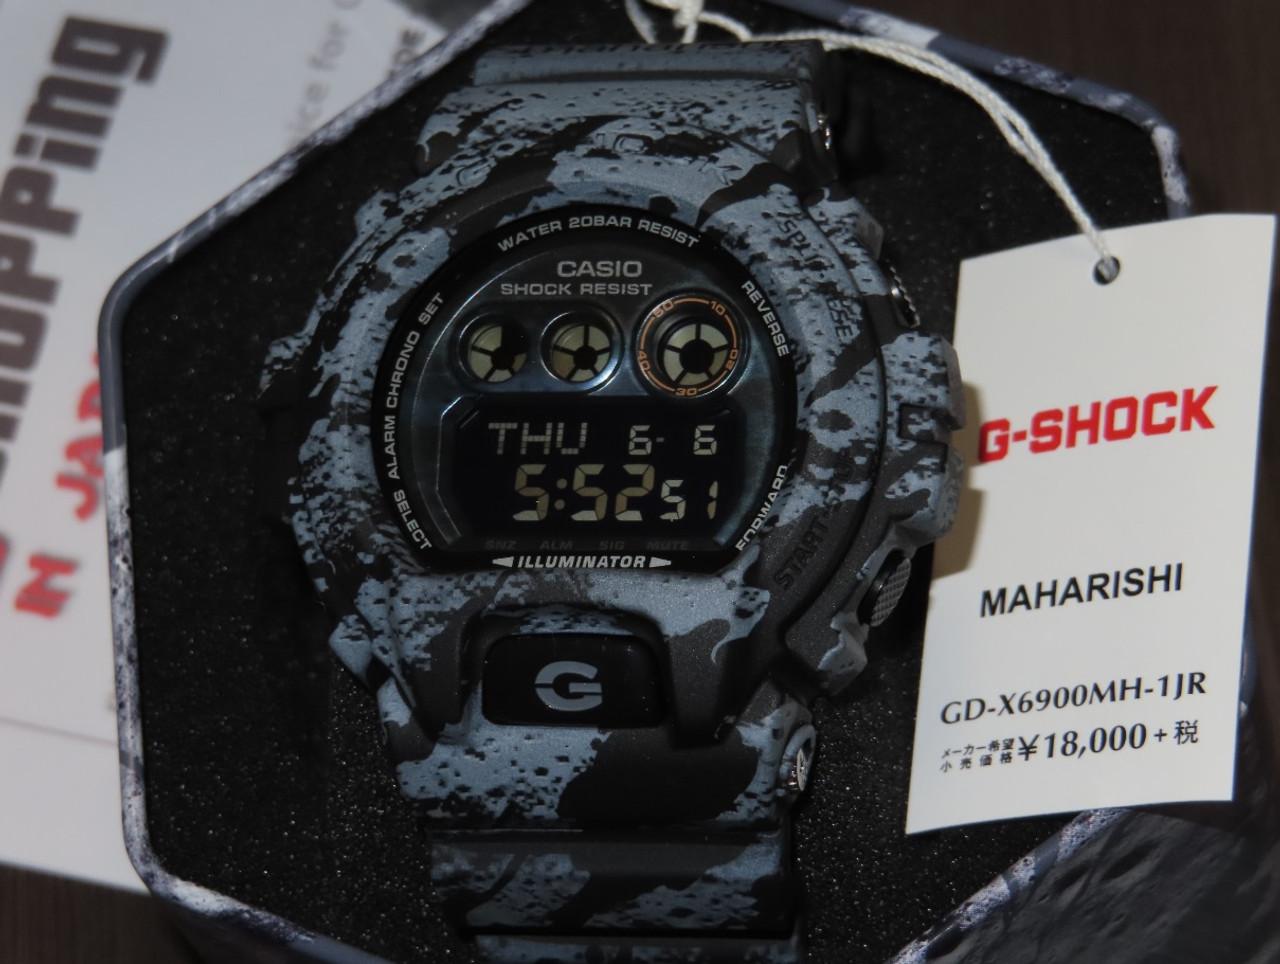 Casio G-Shock Maharishi GD-X6900MH-1JR Lunar Bonsai